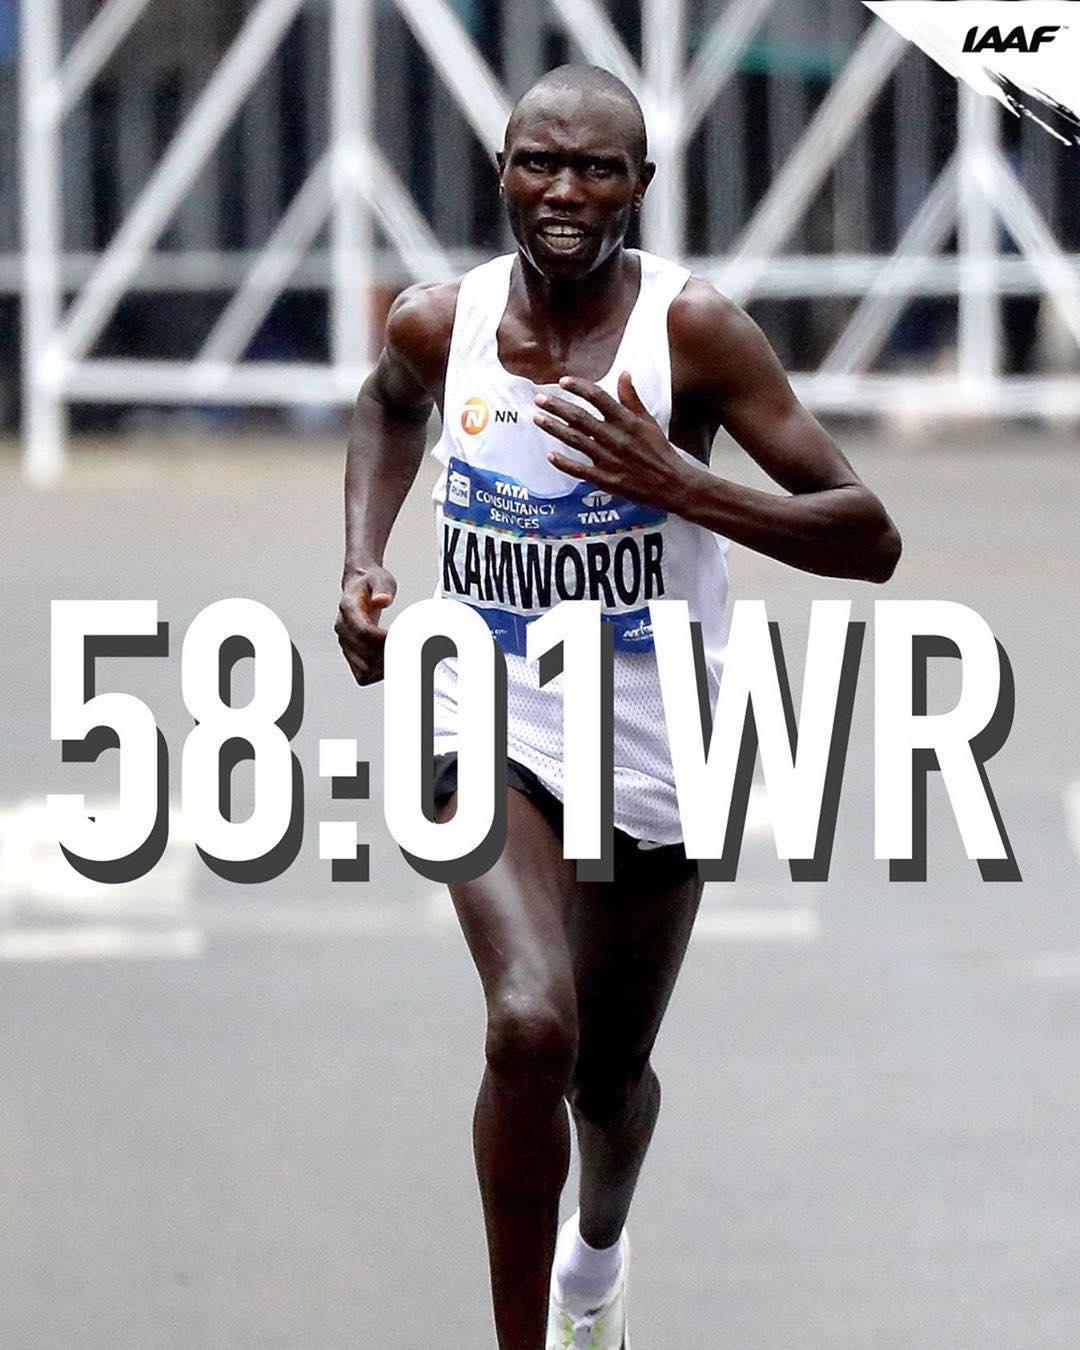 58分01秒 半程马拉松新纪录   跑圈十件事